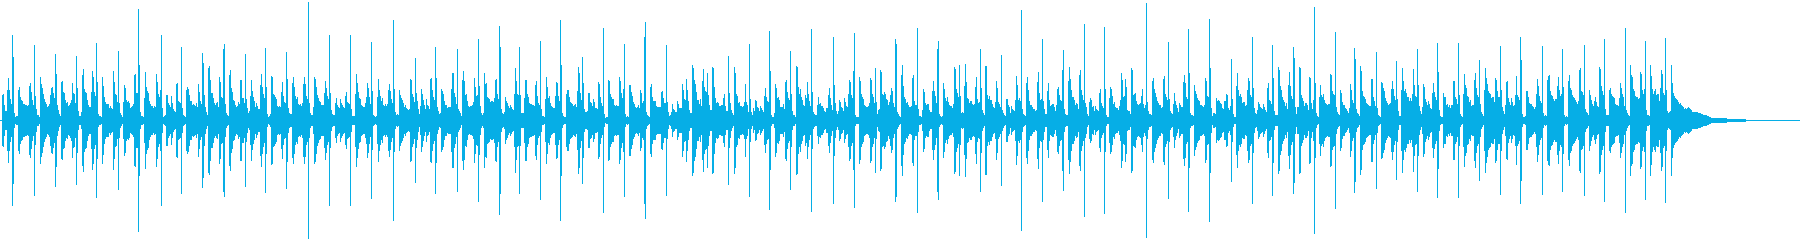 アコギ53/生演奏、伴奏、バッキングの再生済みの波形